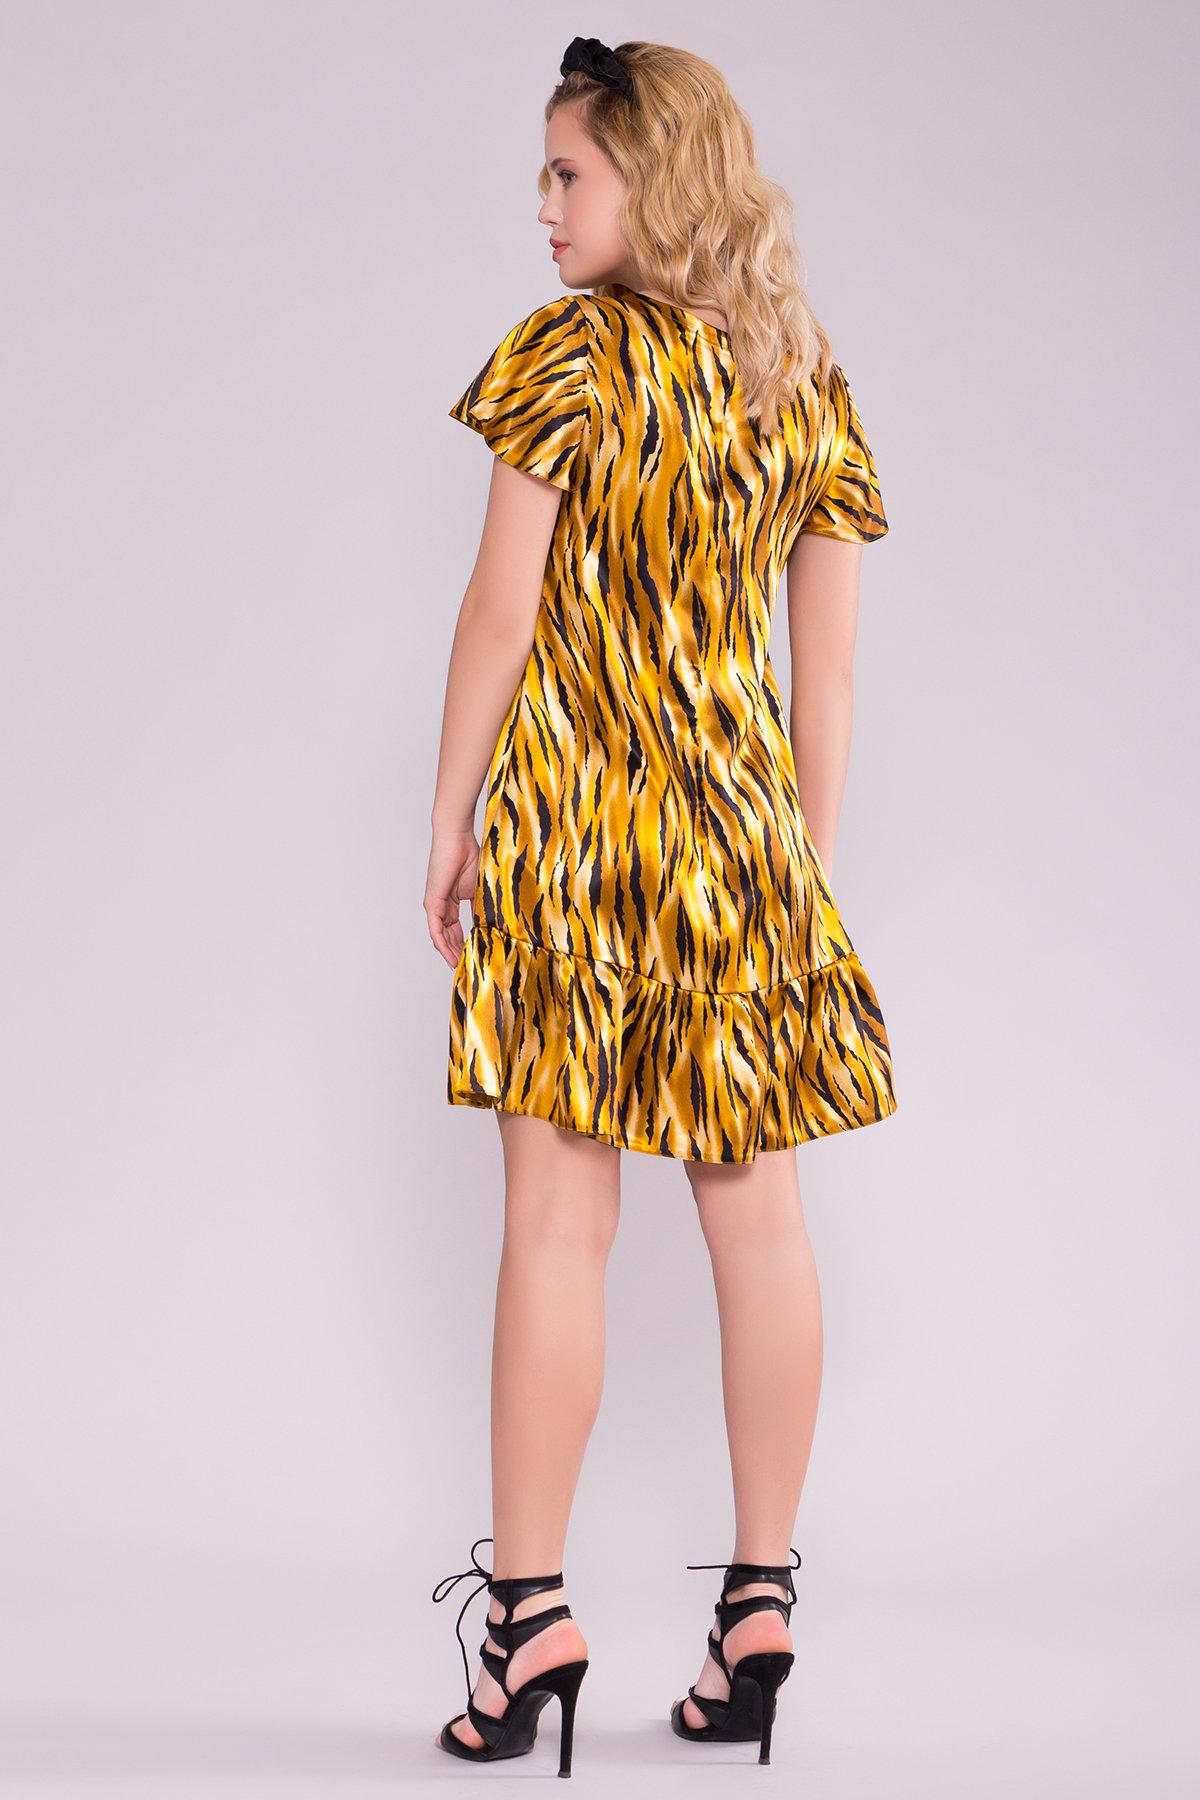 Платье Патрисия 6986 АРТ. 42519 Цвет: тигр оранж/черный - фото 2, интернет магазин tm-modus.ru